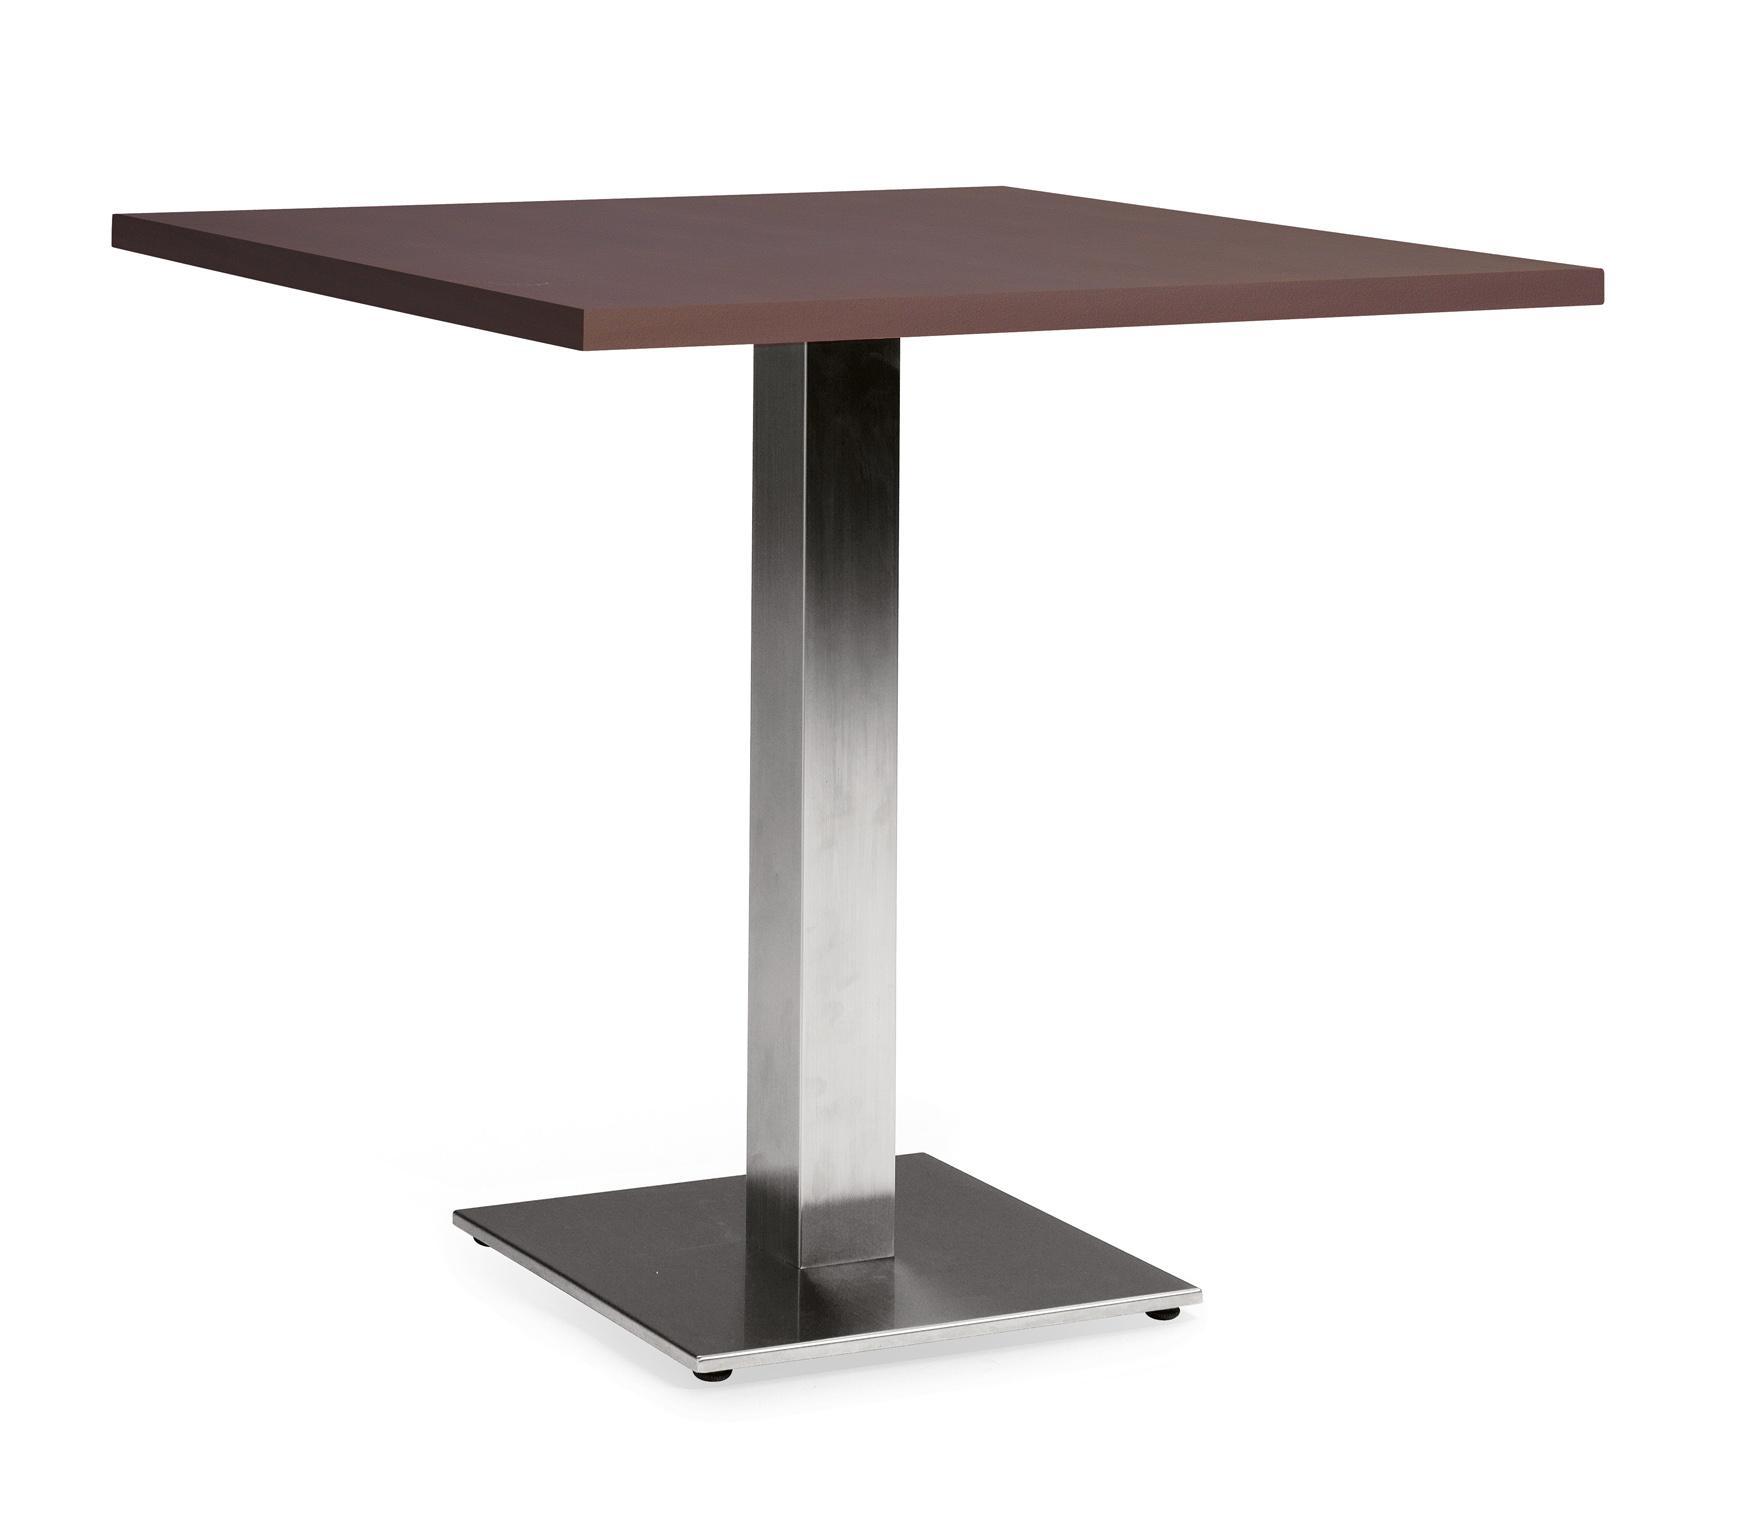 tavoli per bar design pezzi ec ikea tavoli in vetro with tavoli per bar